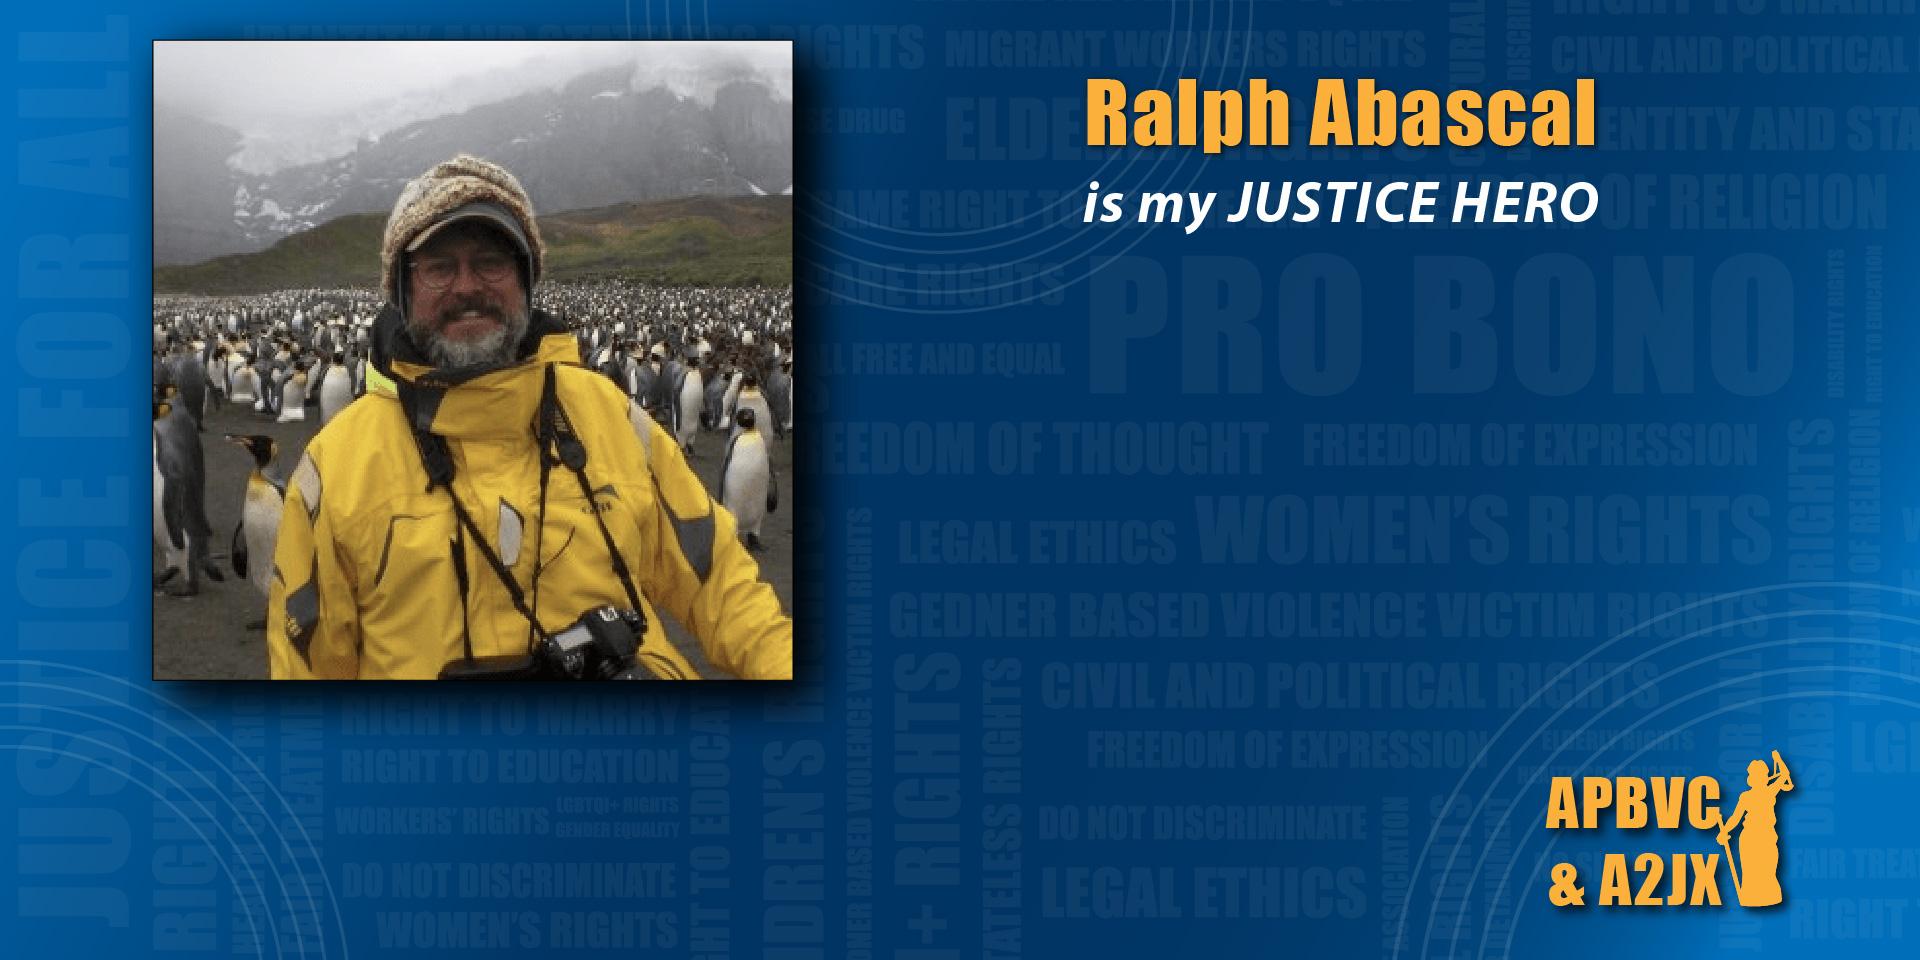 Ralph Abascal